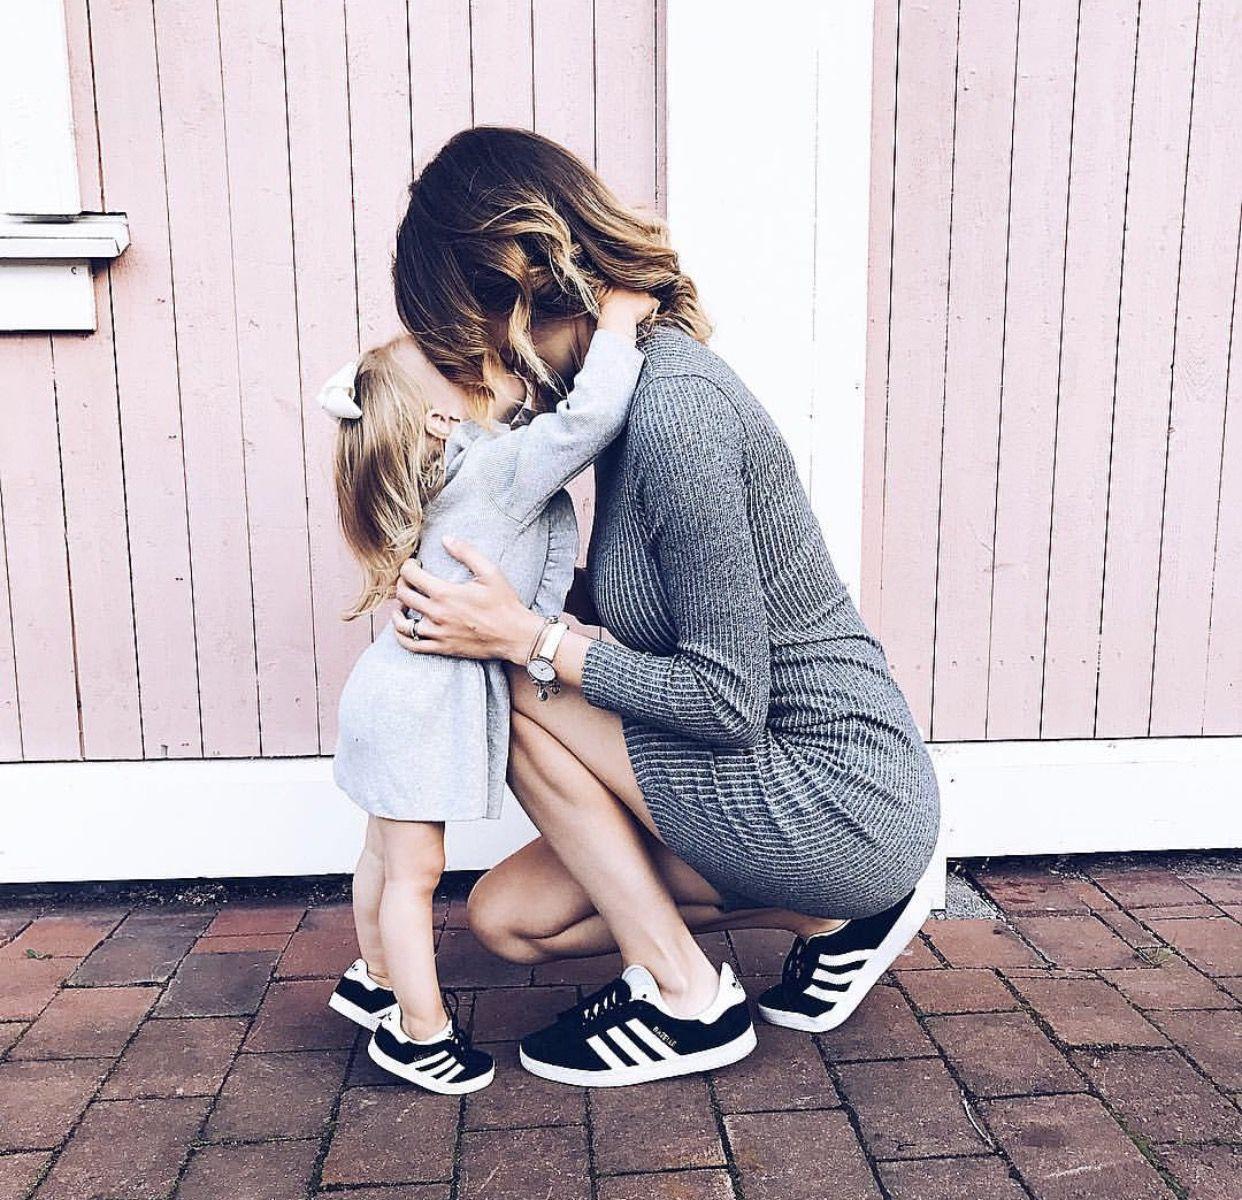 Мама и дочка картинки на аву